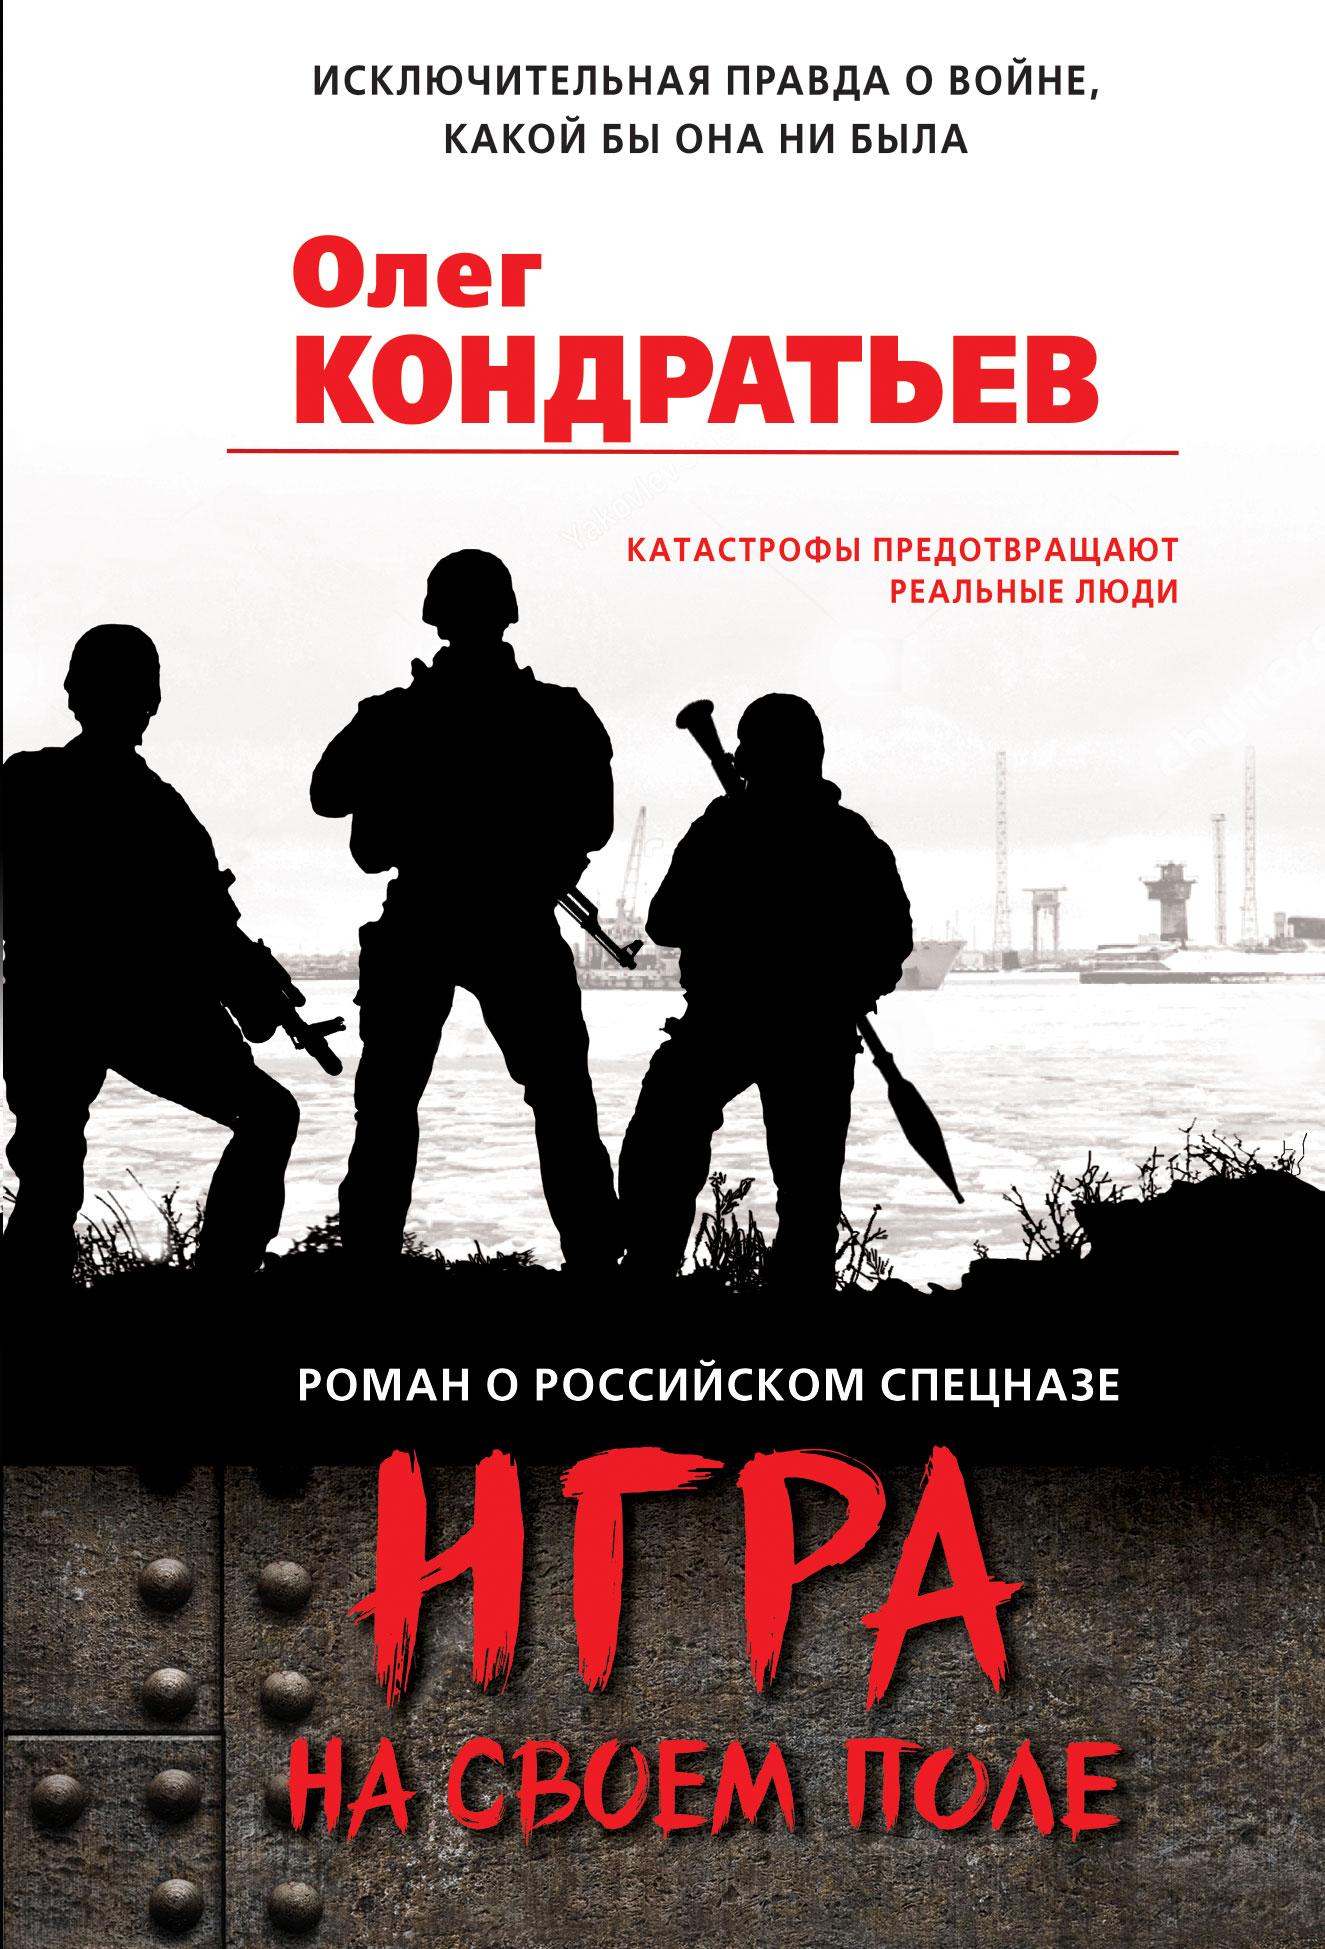 Купить книгу Игра на своем поле, автора Олега Кондратьева